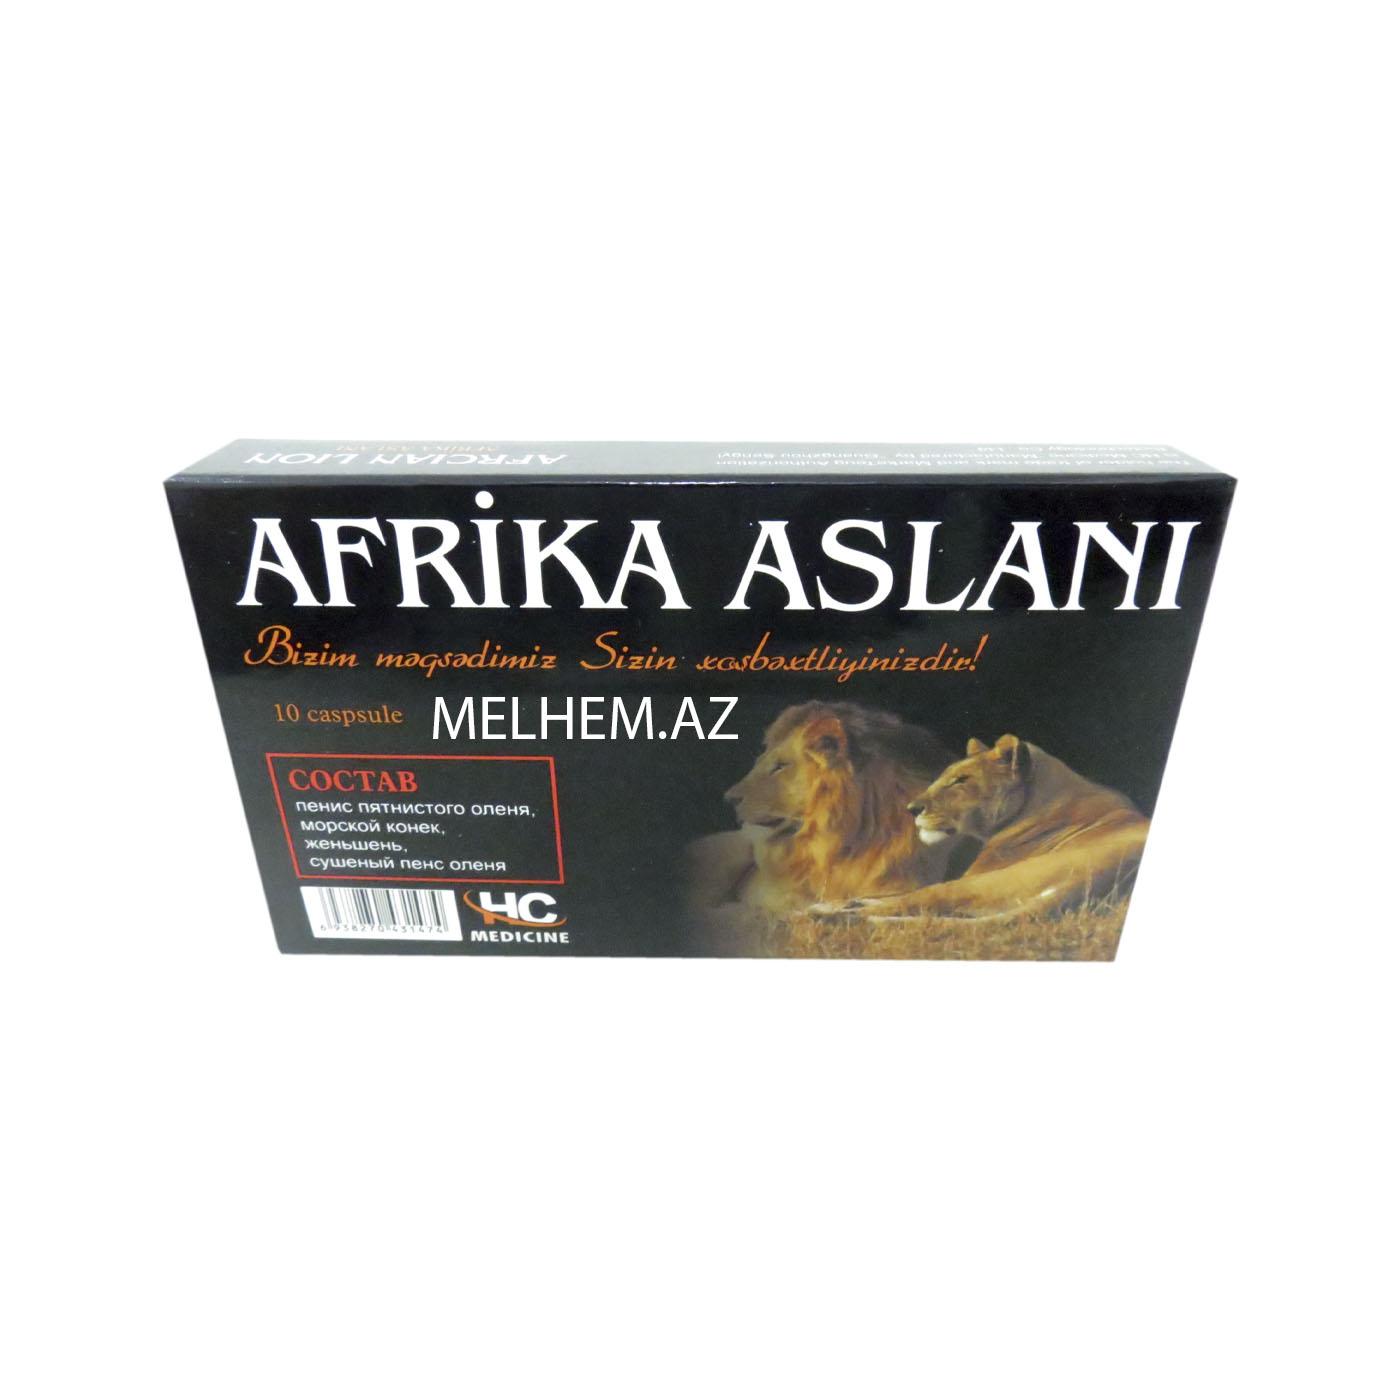 AFRİKA ASLANI